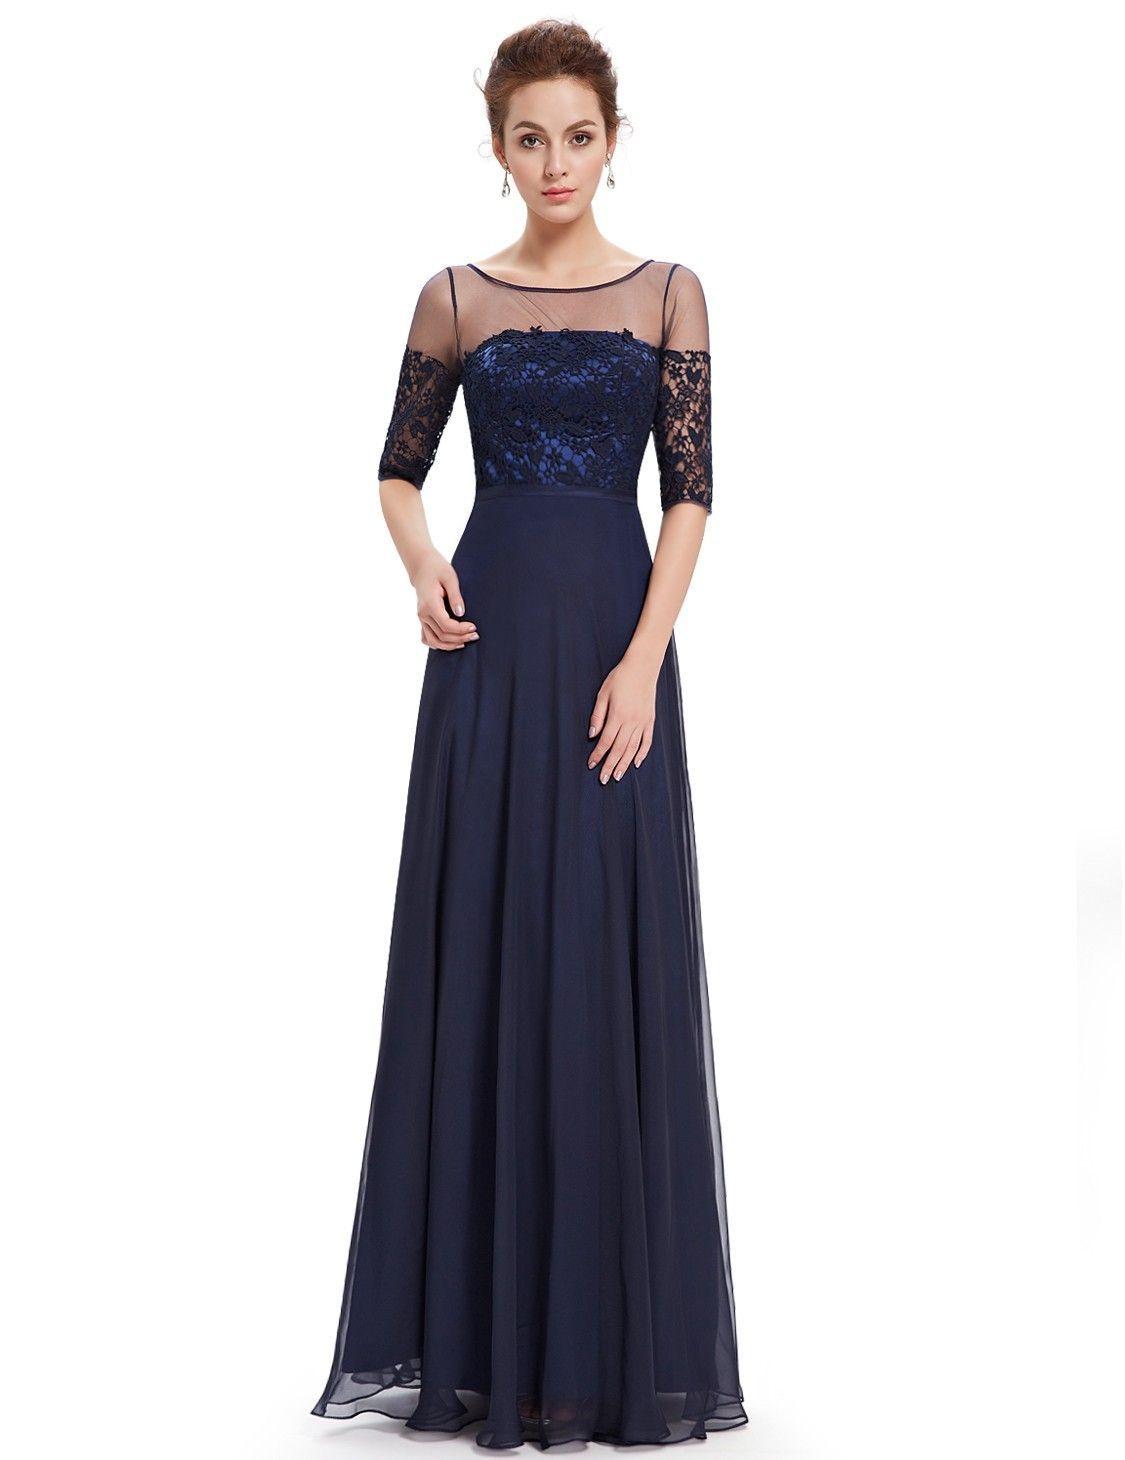 Designer Top Abend Kleid Dunkel Blau für 2019 Einzigartig Abend Kleid Dunkel Blau Design